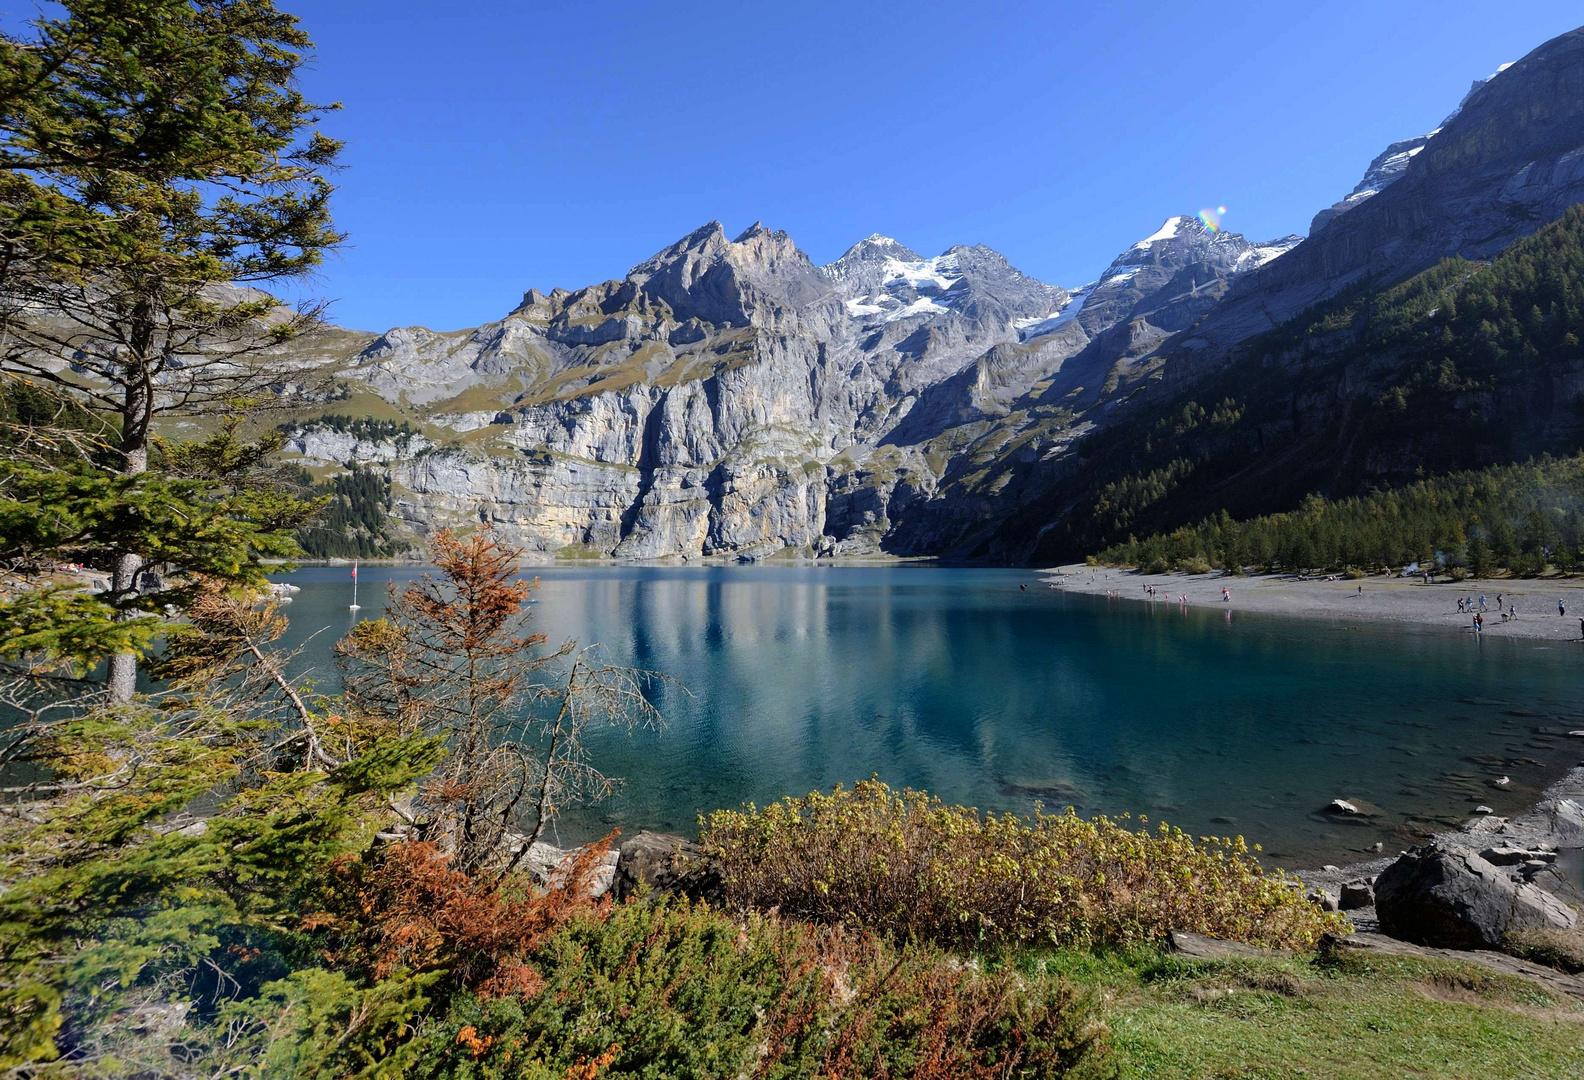 Le lac d'Oeschinen (1578 m. alt.)